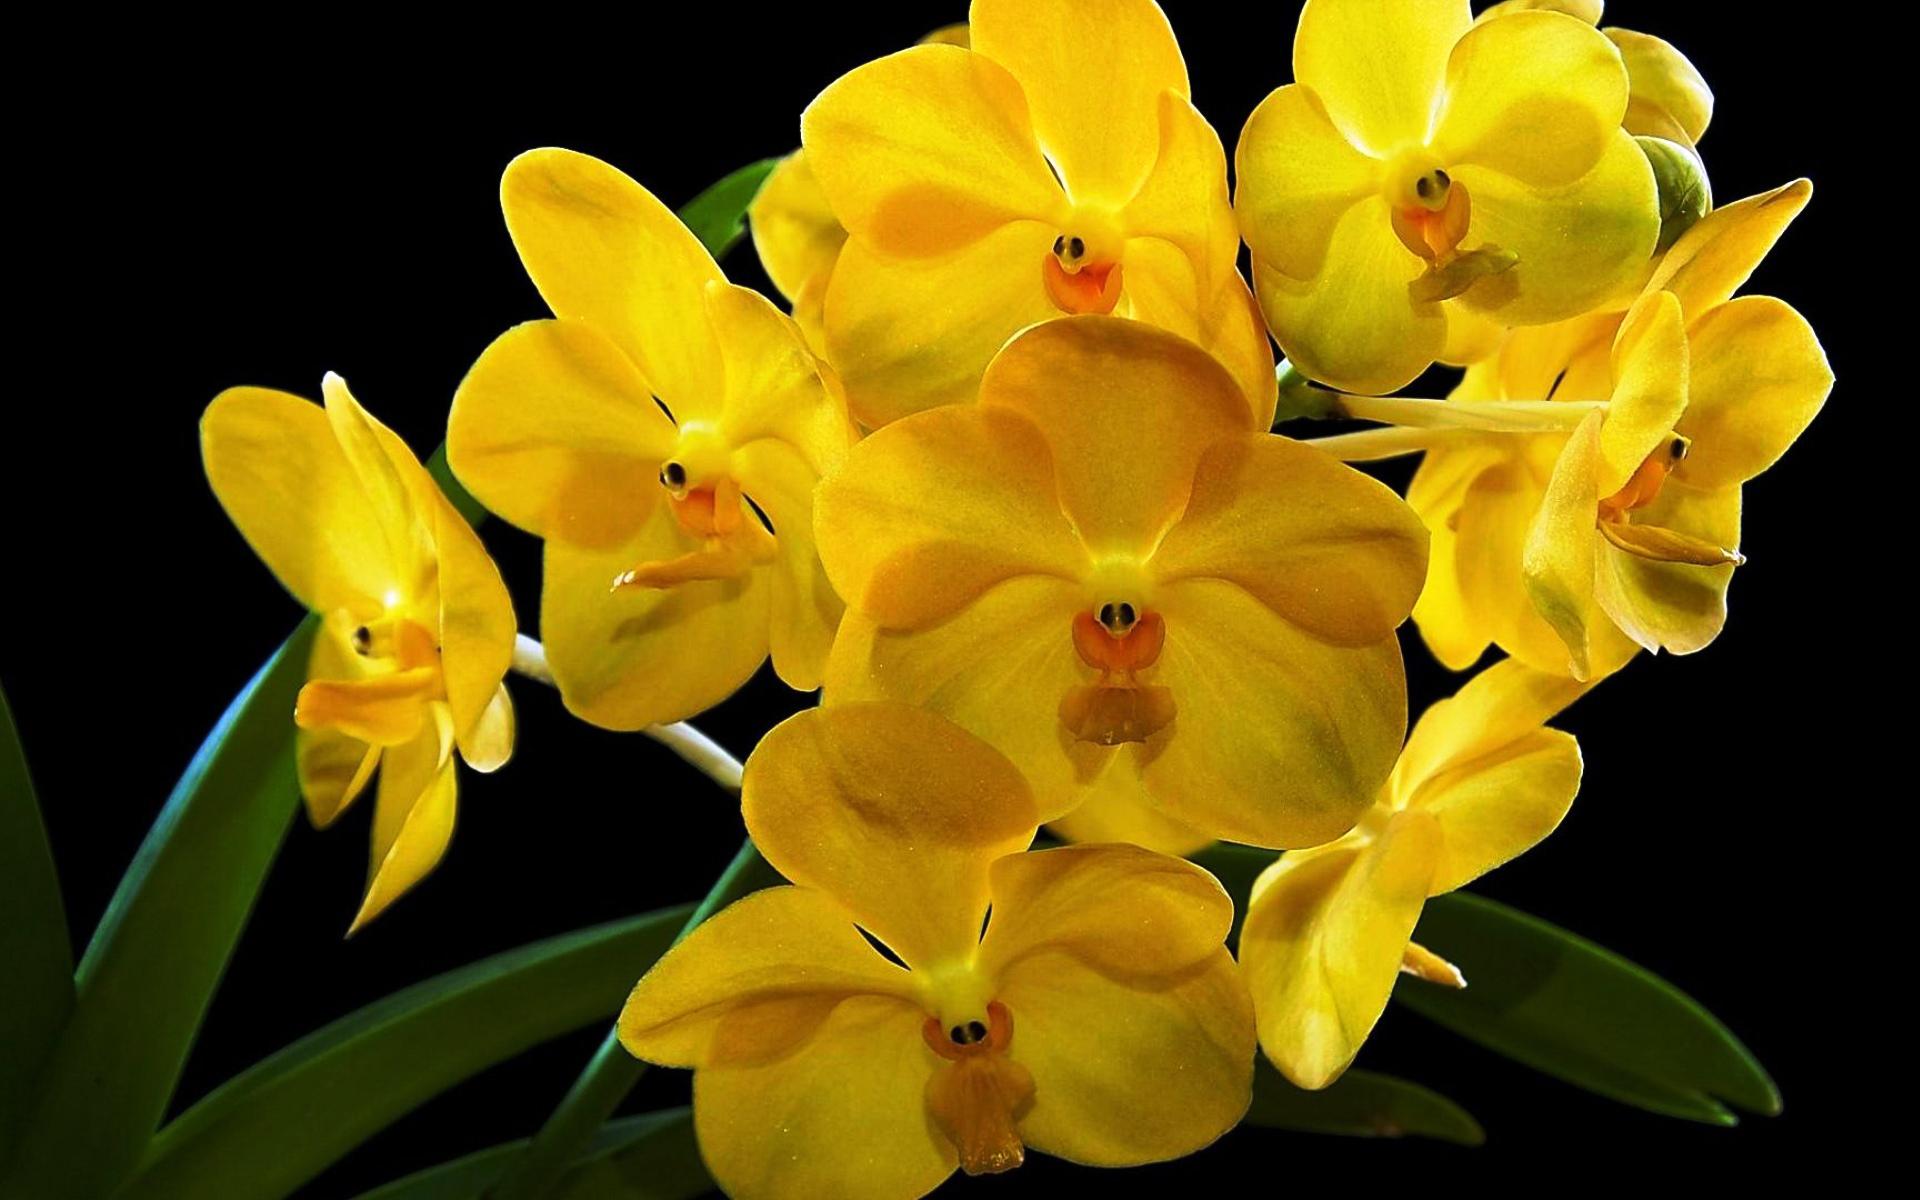 Hình nền hoa lan vàng đẹp, ý nghĩa